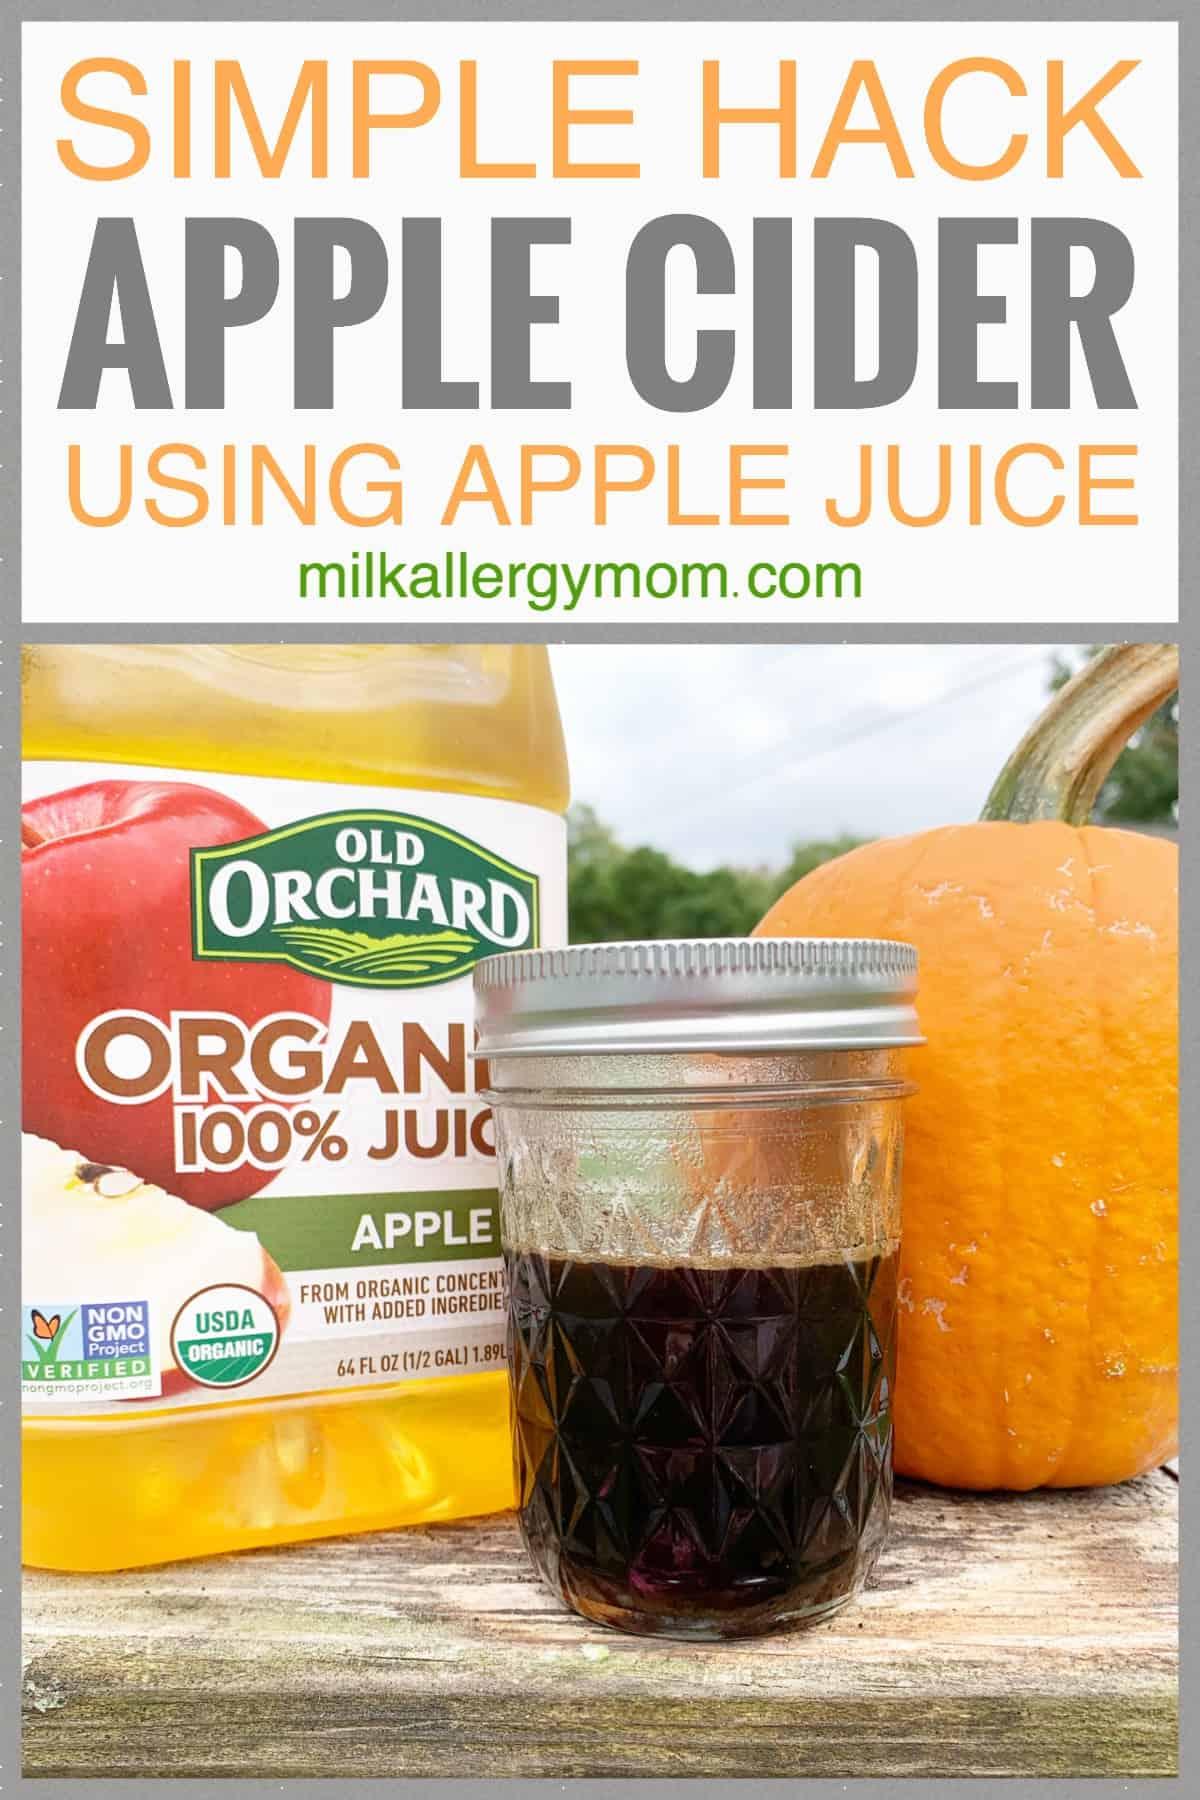 Apple Juice Apple Cider Recipe